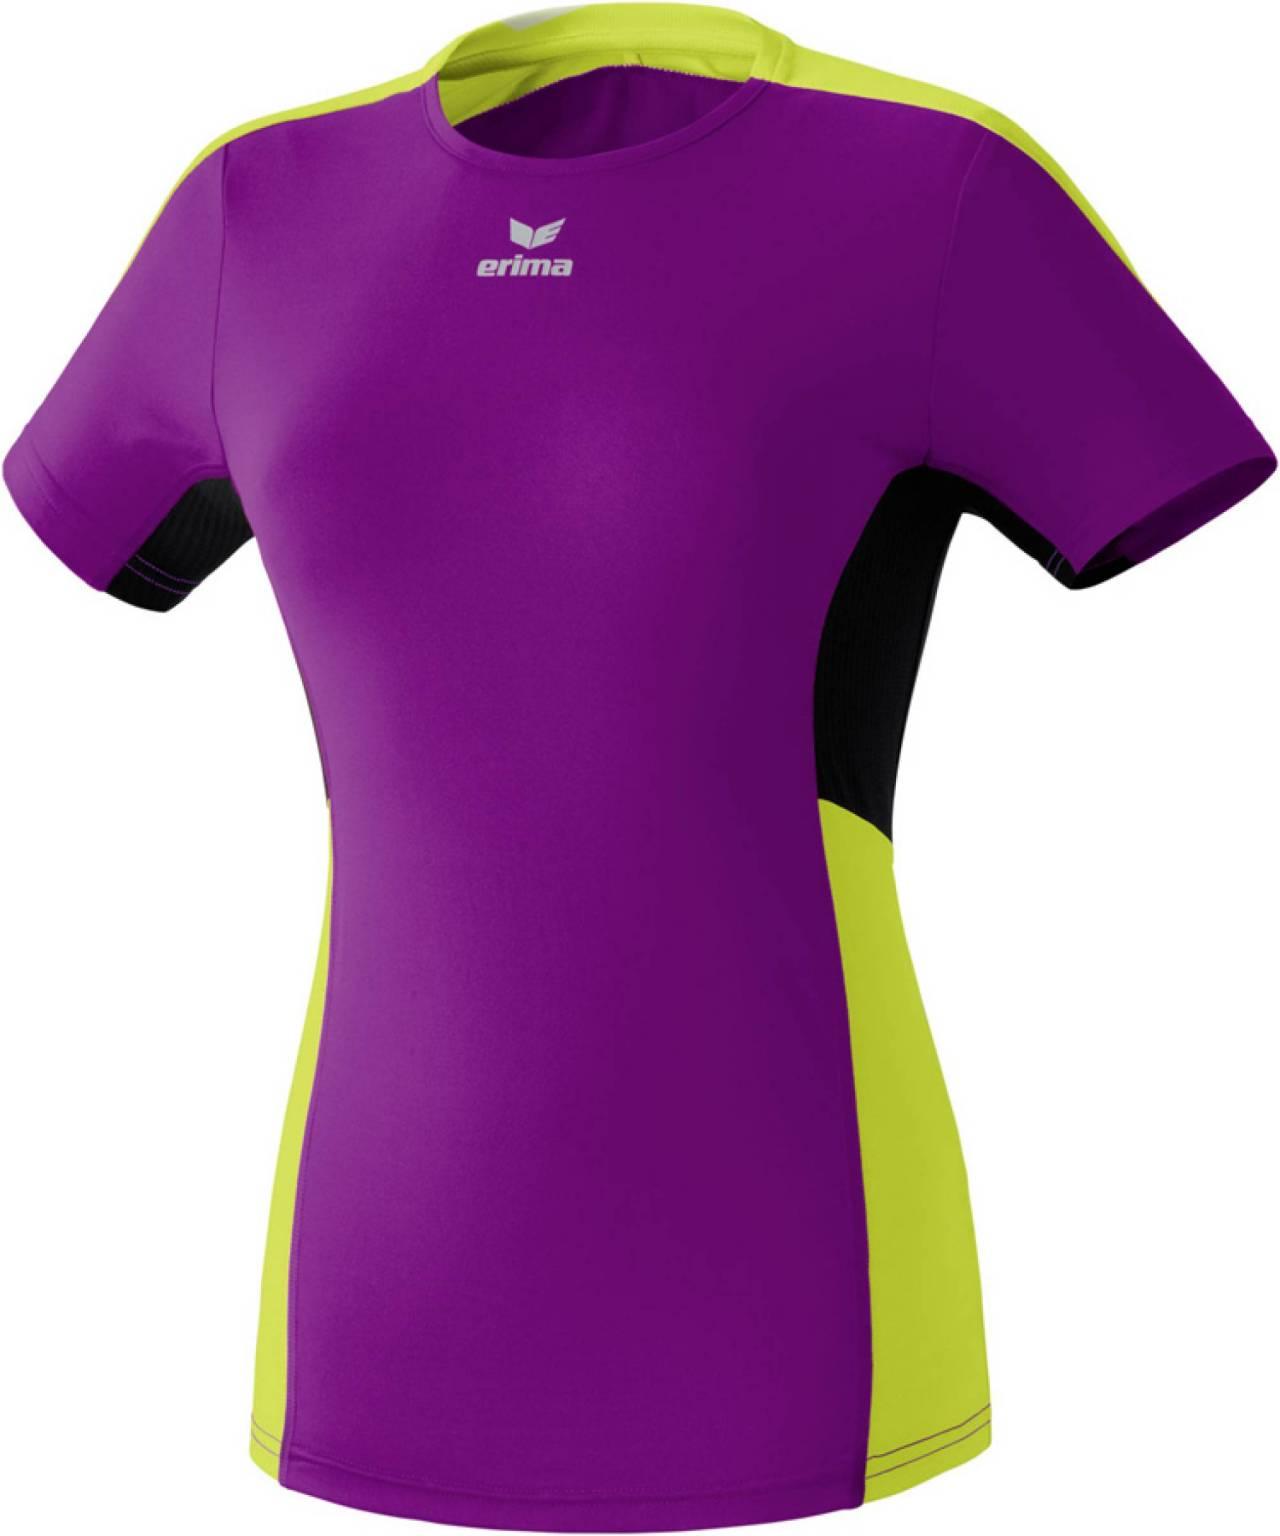 Erima Premium One Running Damen T-Shirt